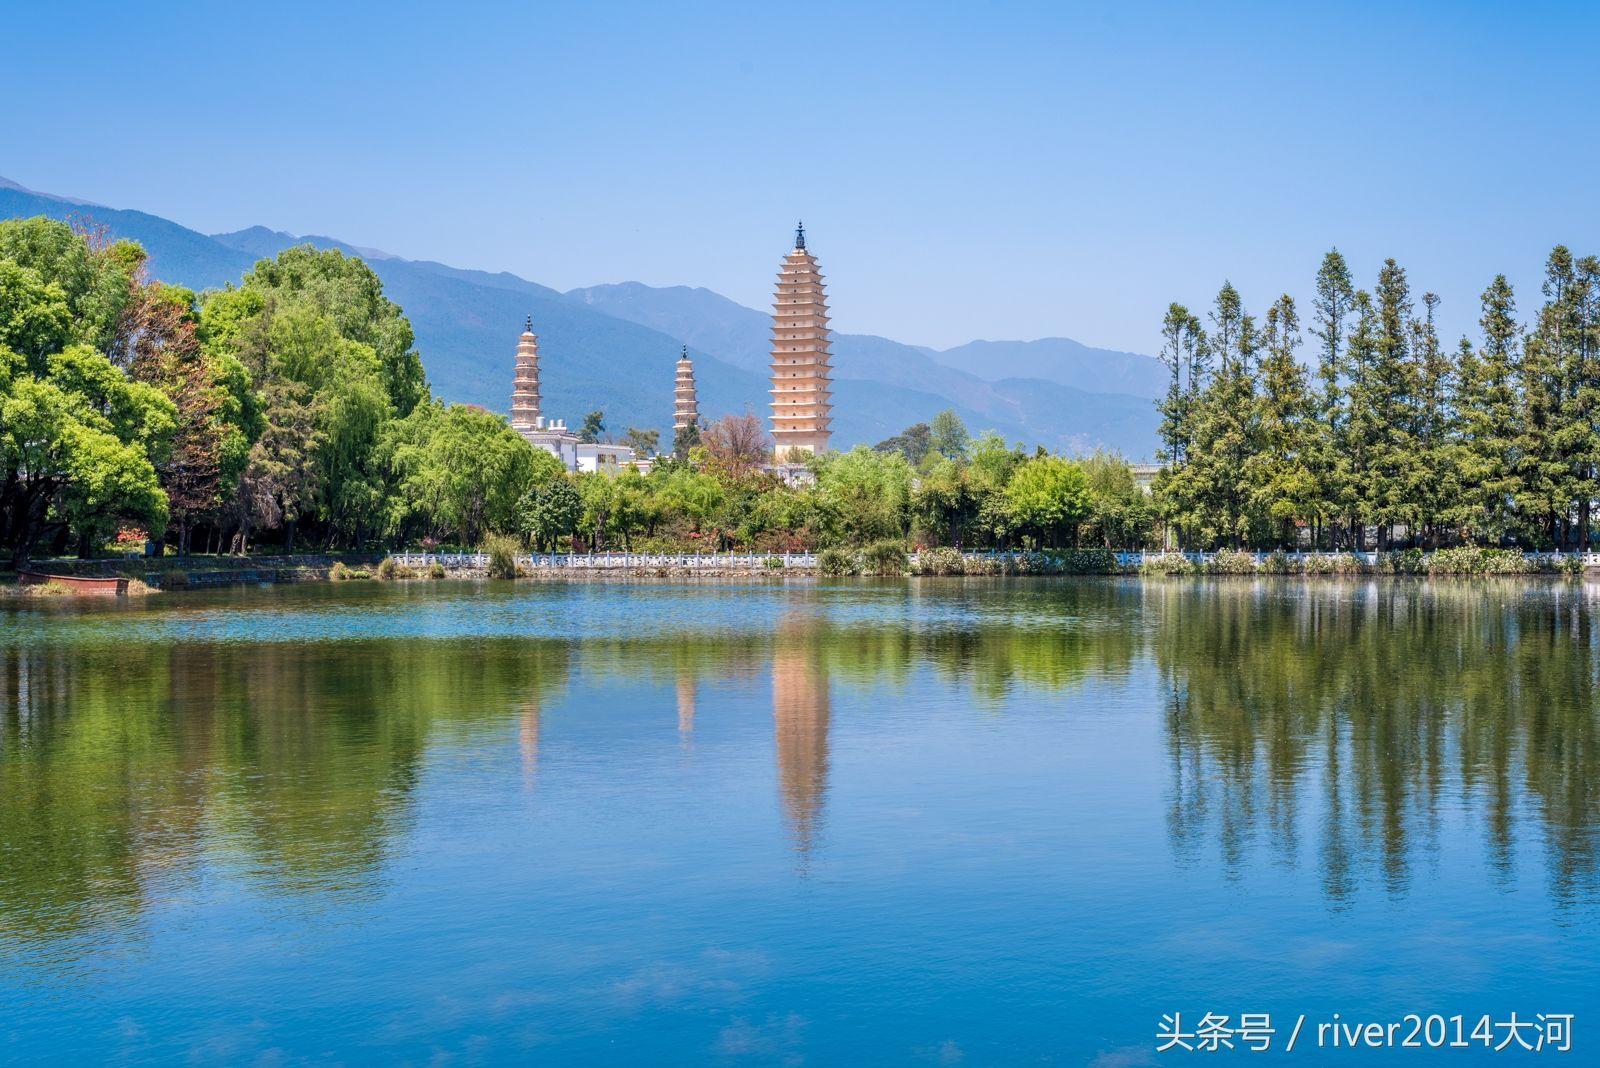 重建這座寺廟花了1.82億元,賣150萬張門票才能收回成本